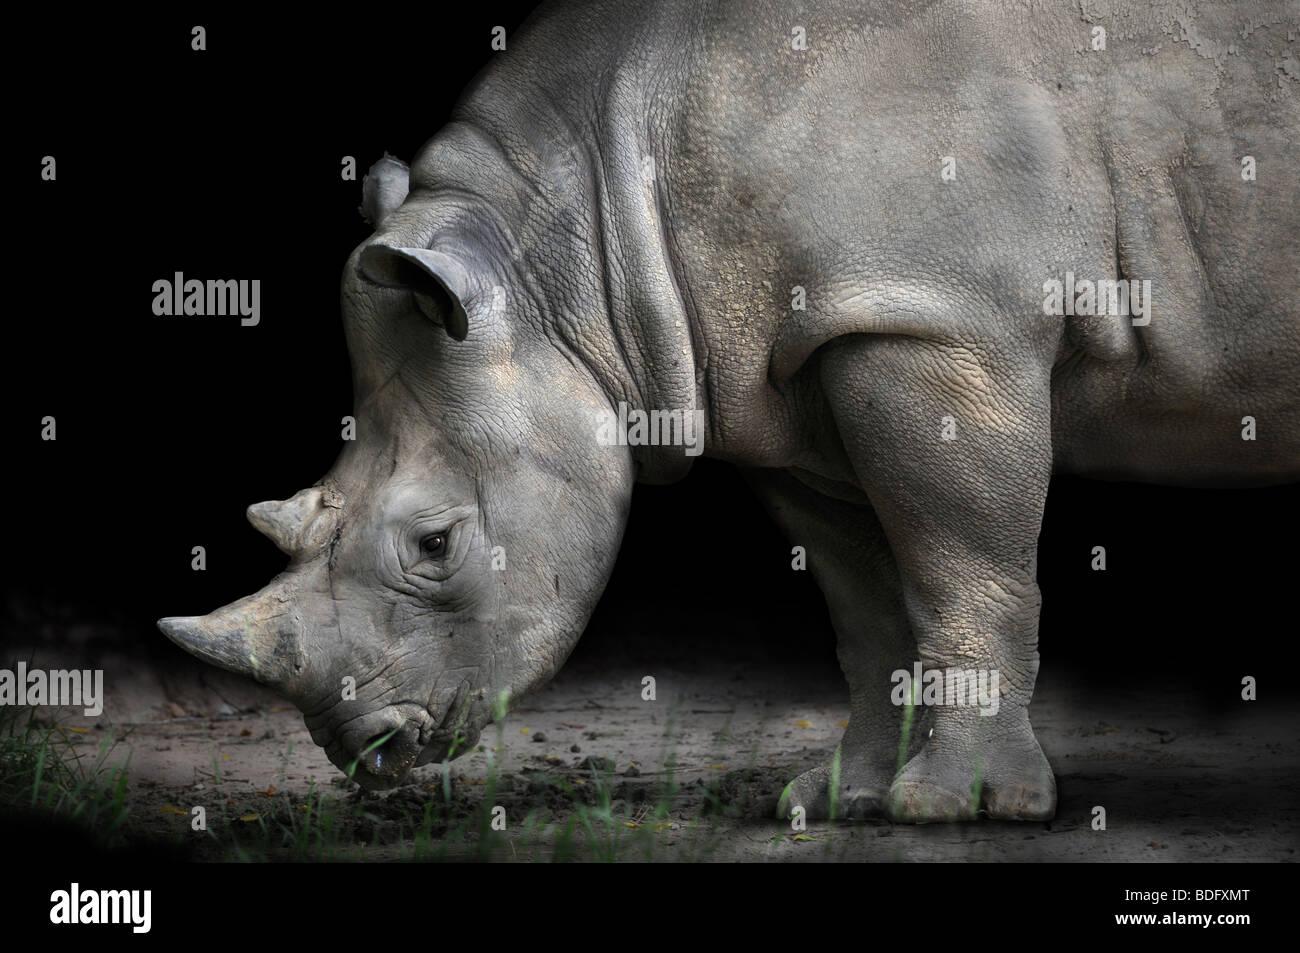 Rinoceronte di piegatura per mangiare su sfondo scuro Immagini Stock